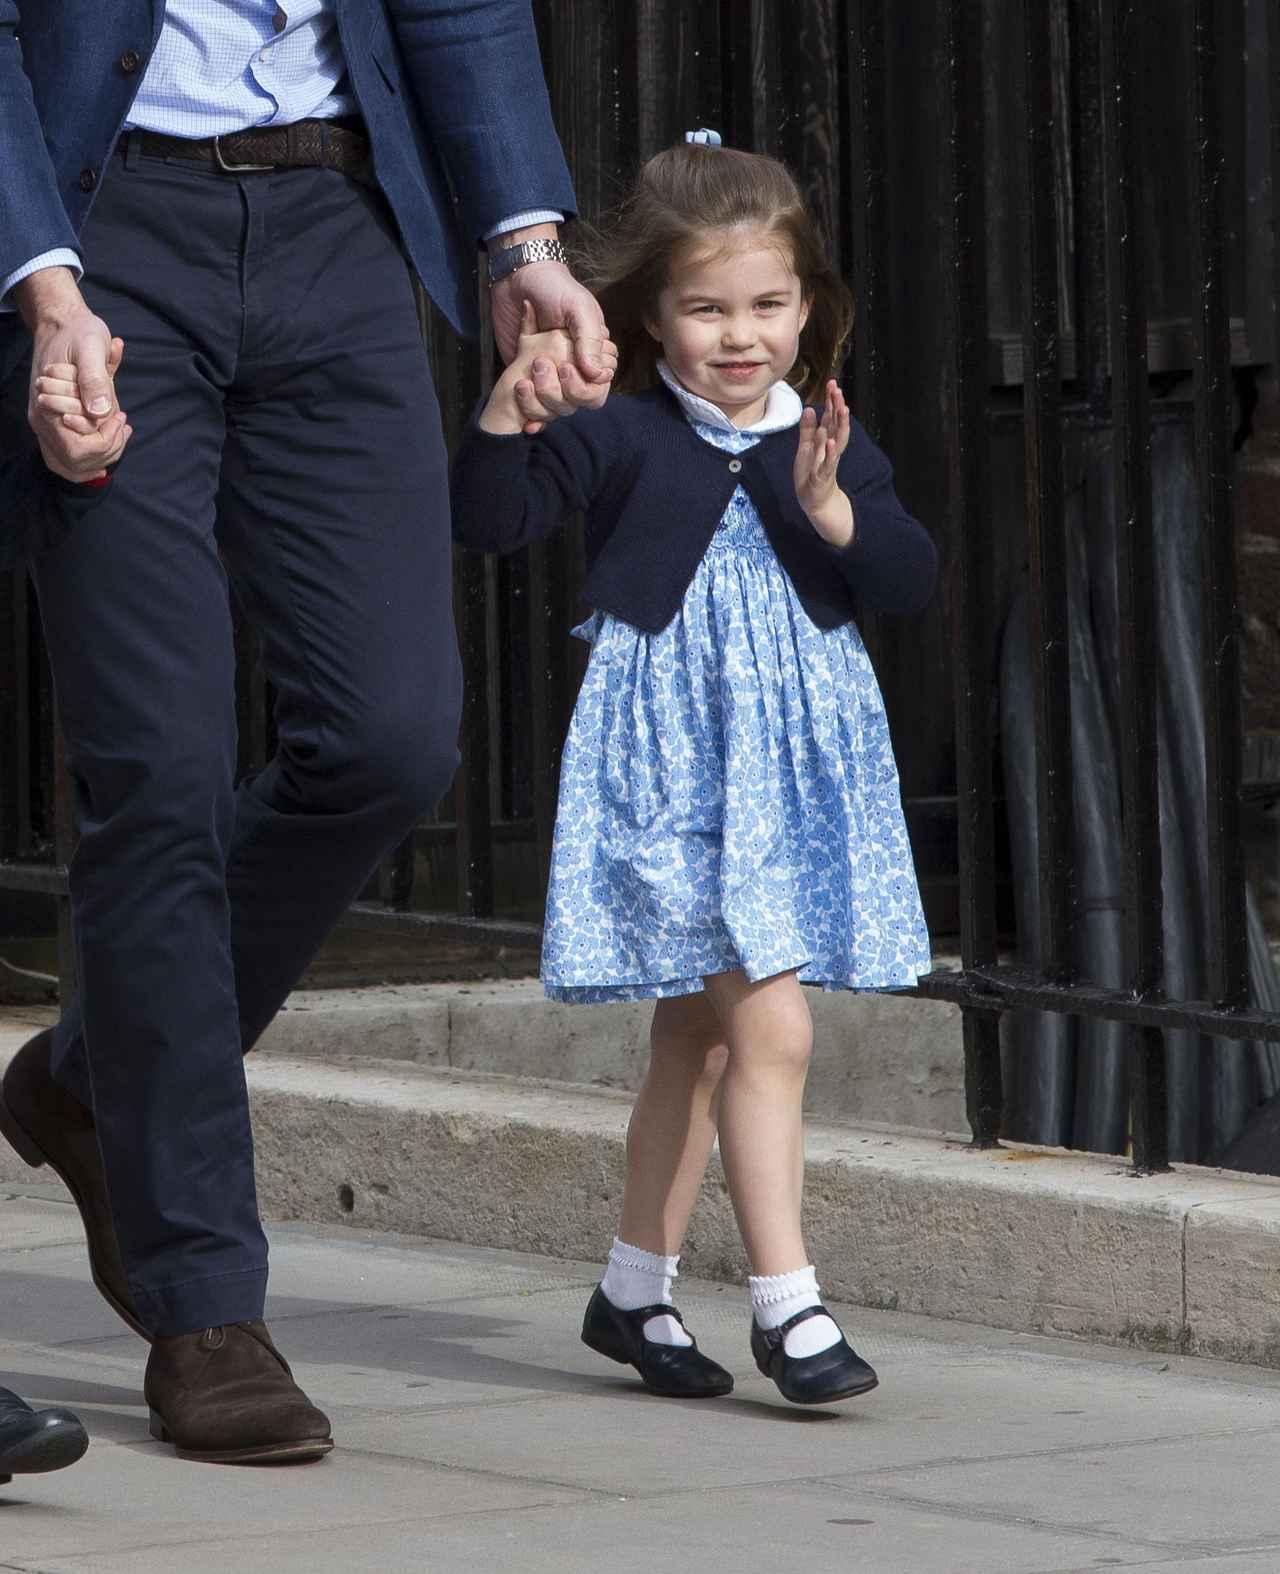 画像3: シャーロット王女、2歳とは思えない神対応をみせる